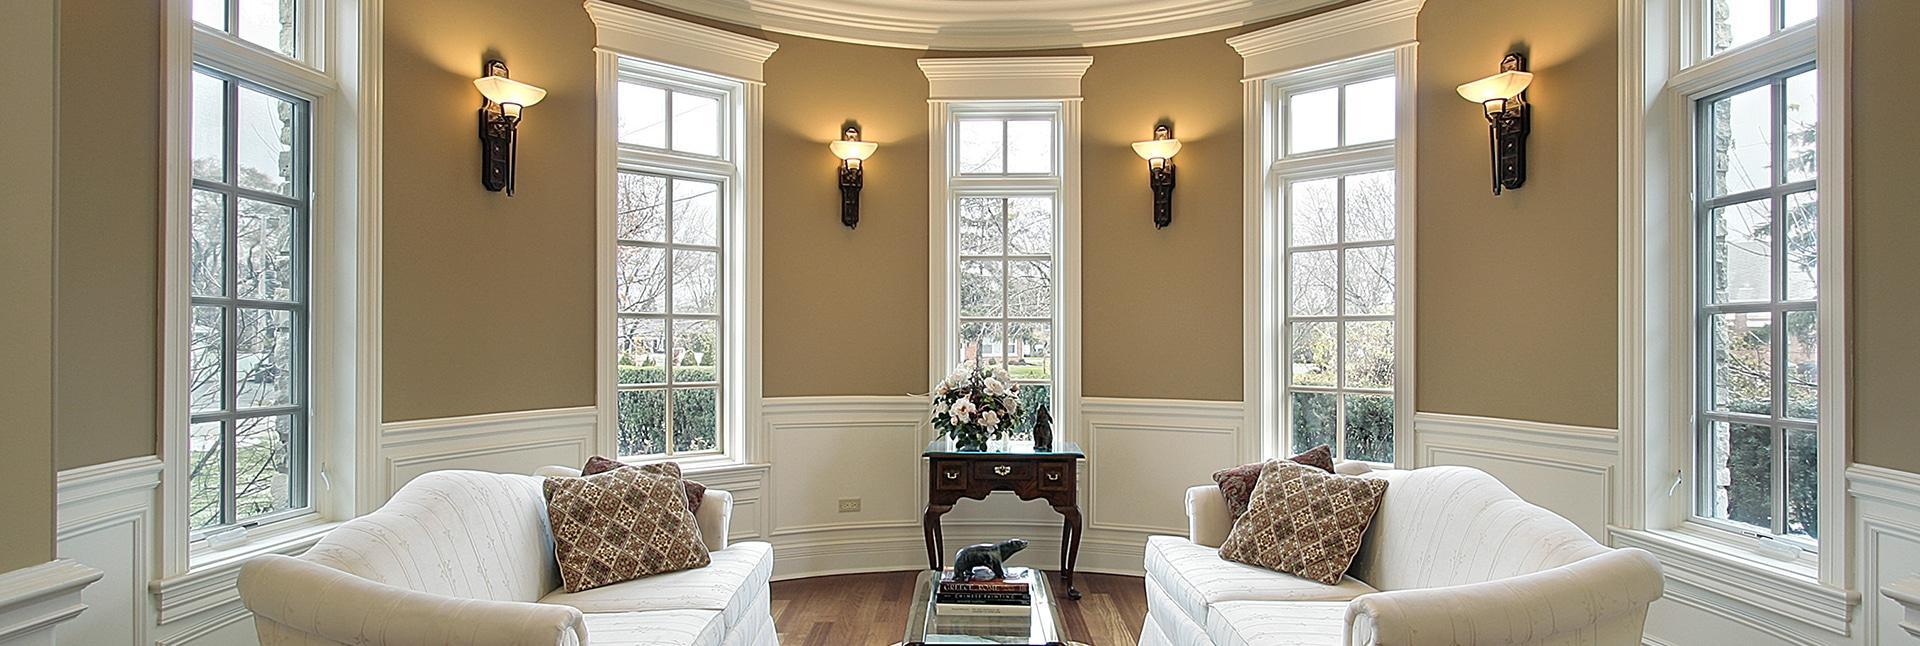 Residential Window Film Home Slide